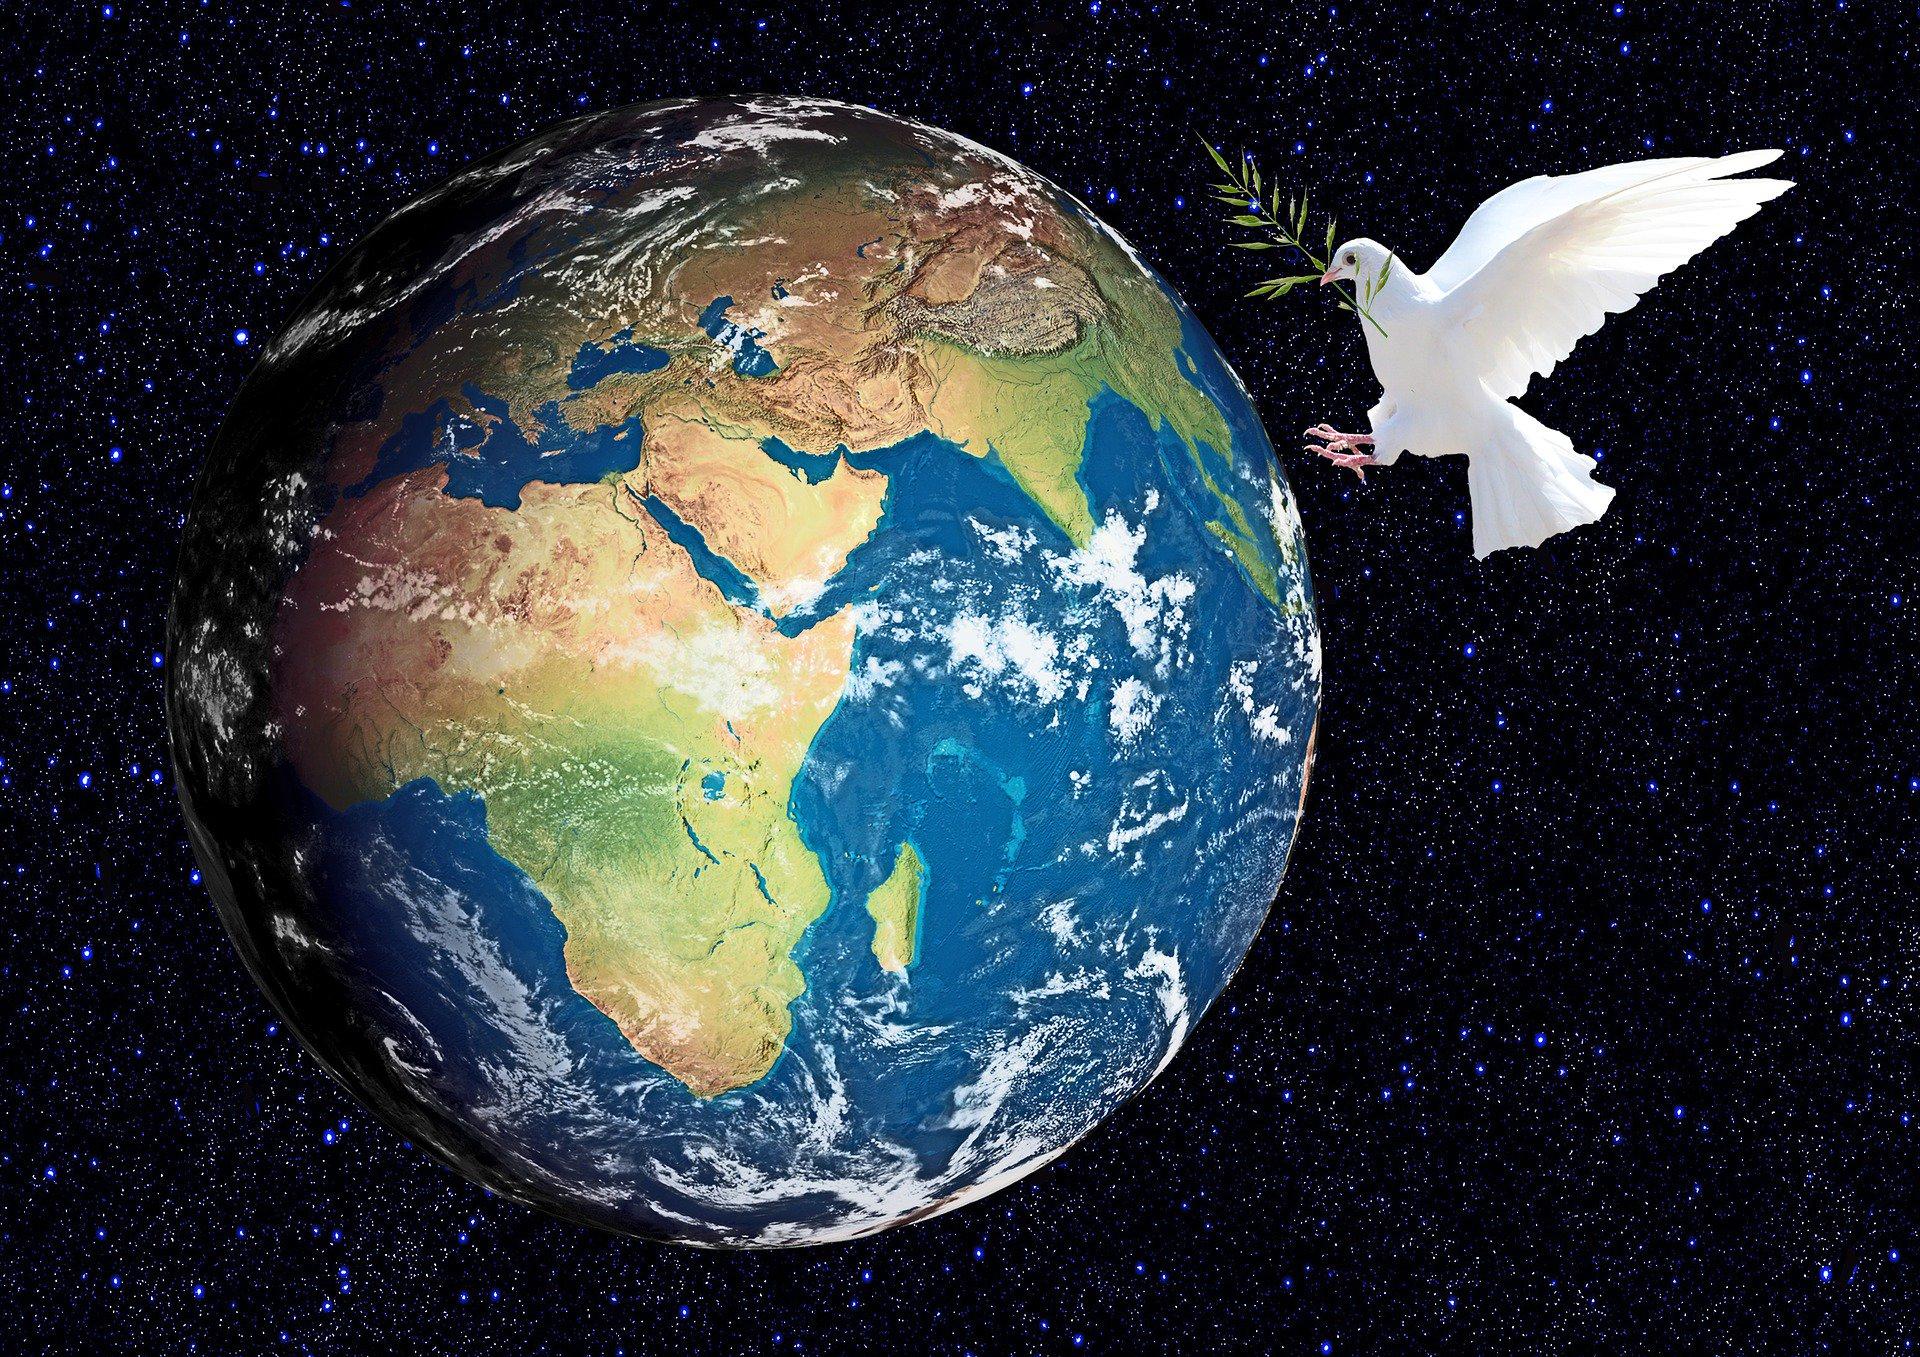 мир на земле фотографии ручной